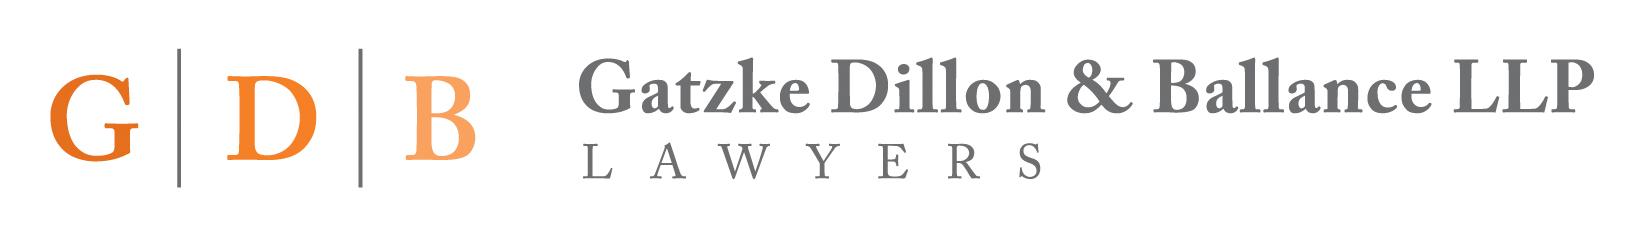 GDB | Gatzke Dillon & Ballance LLP